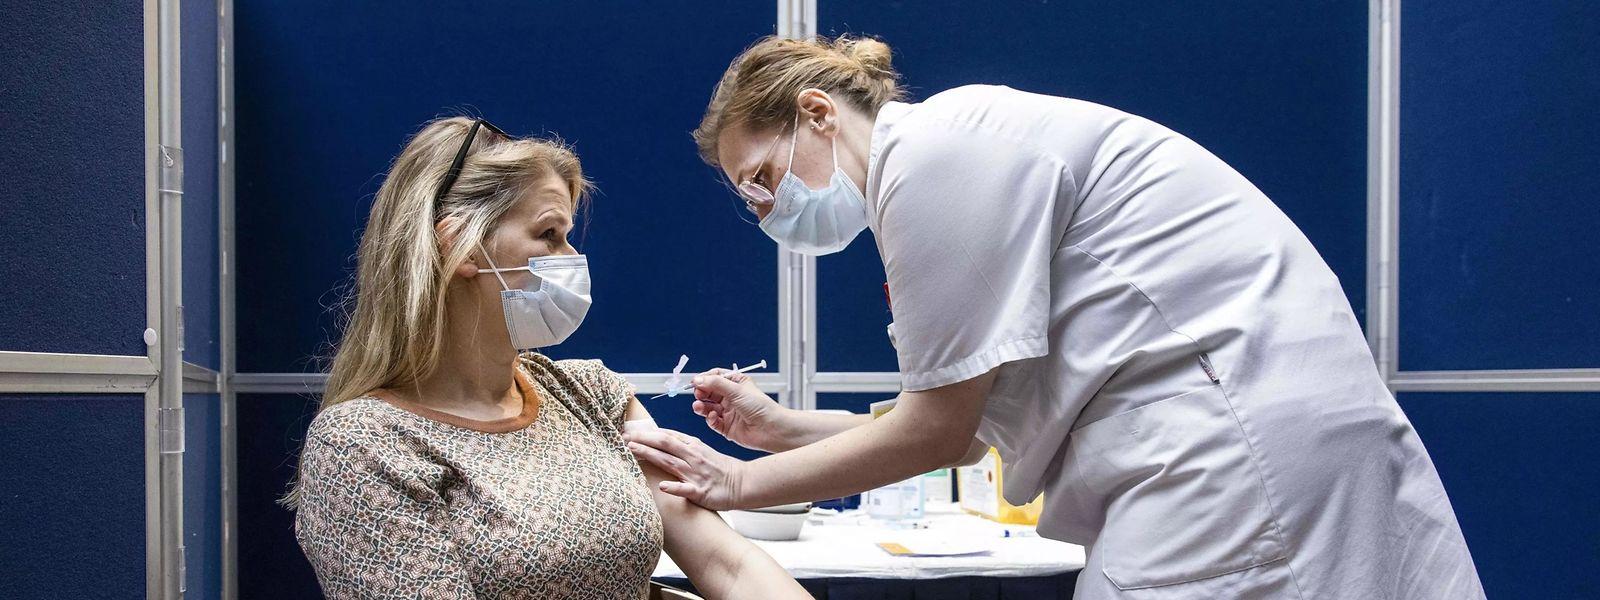 Dans la région de Bruxelles, 28,3% des 18-34 ans ont au moins reçu une dose vaccinale, contre 45,4% à l'échelle nationale.